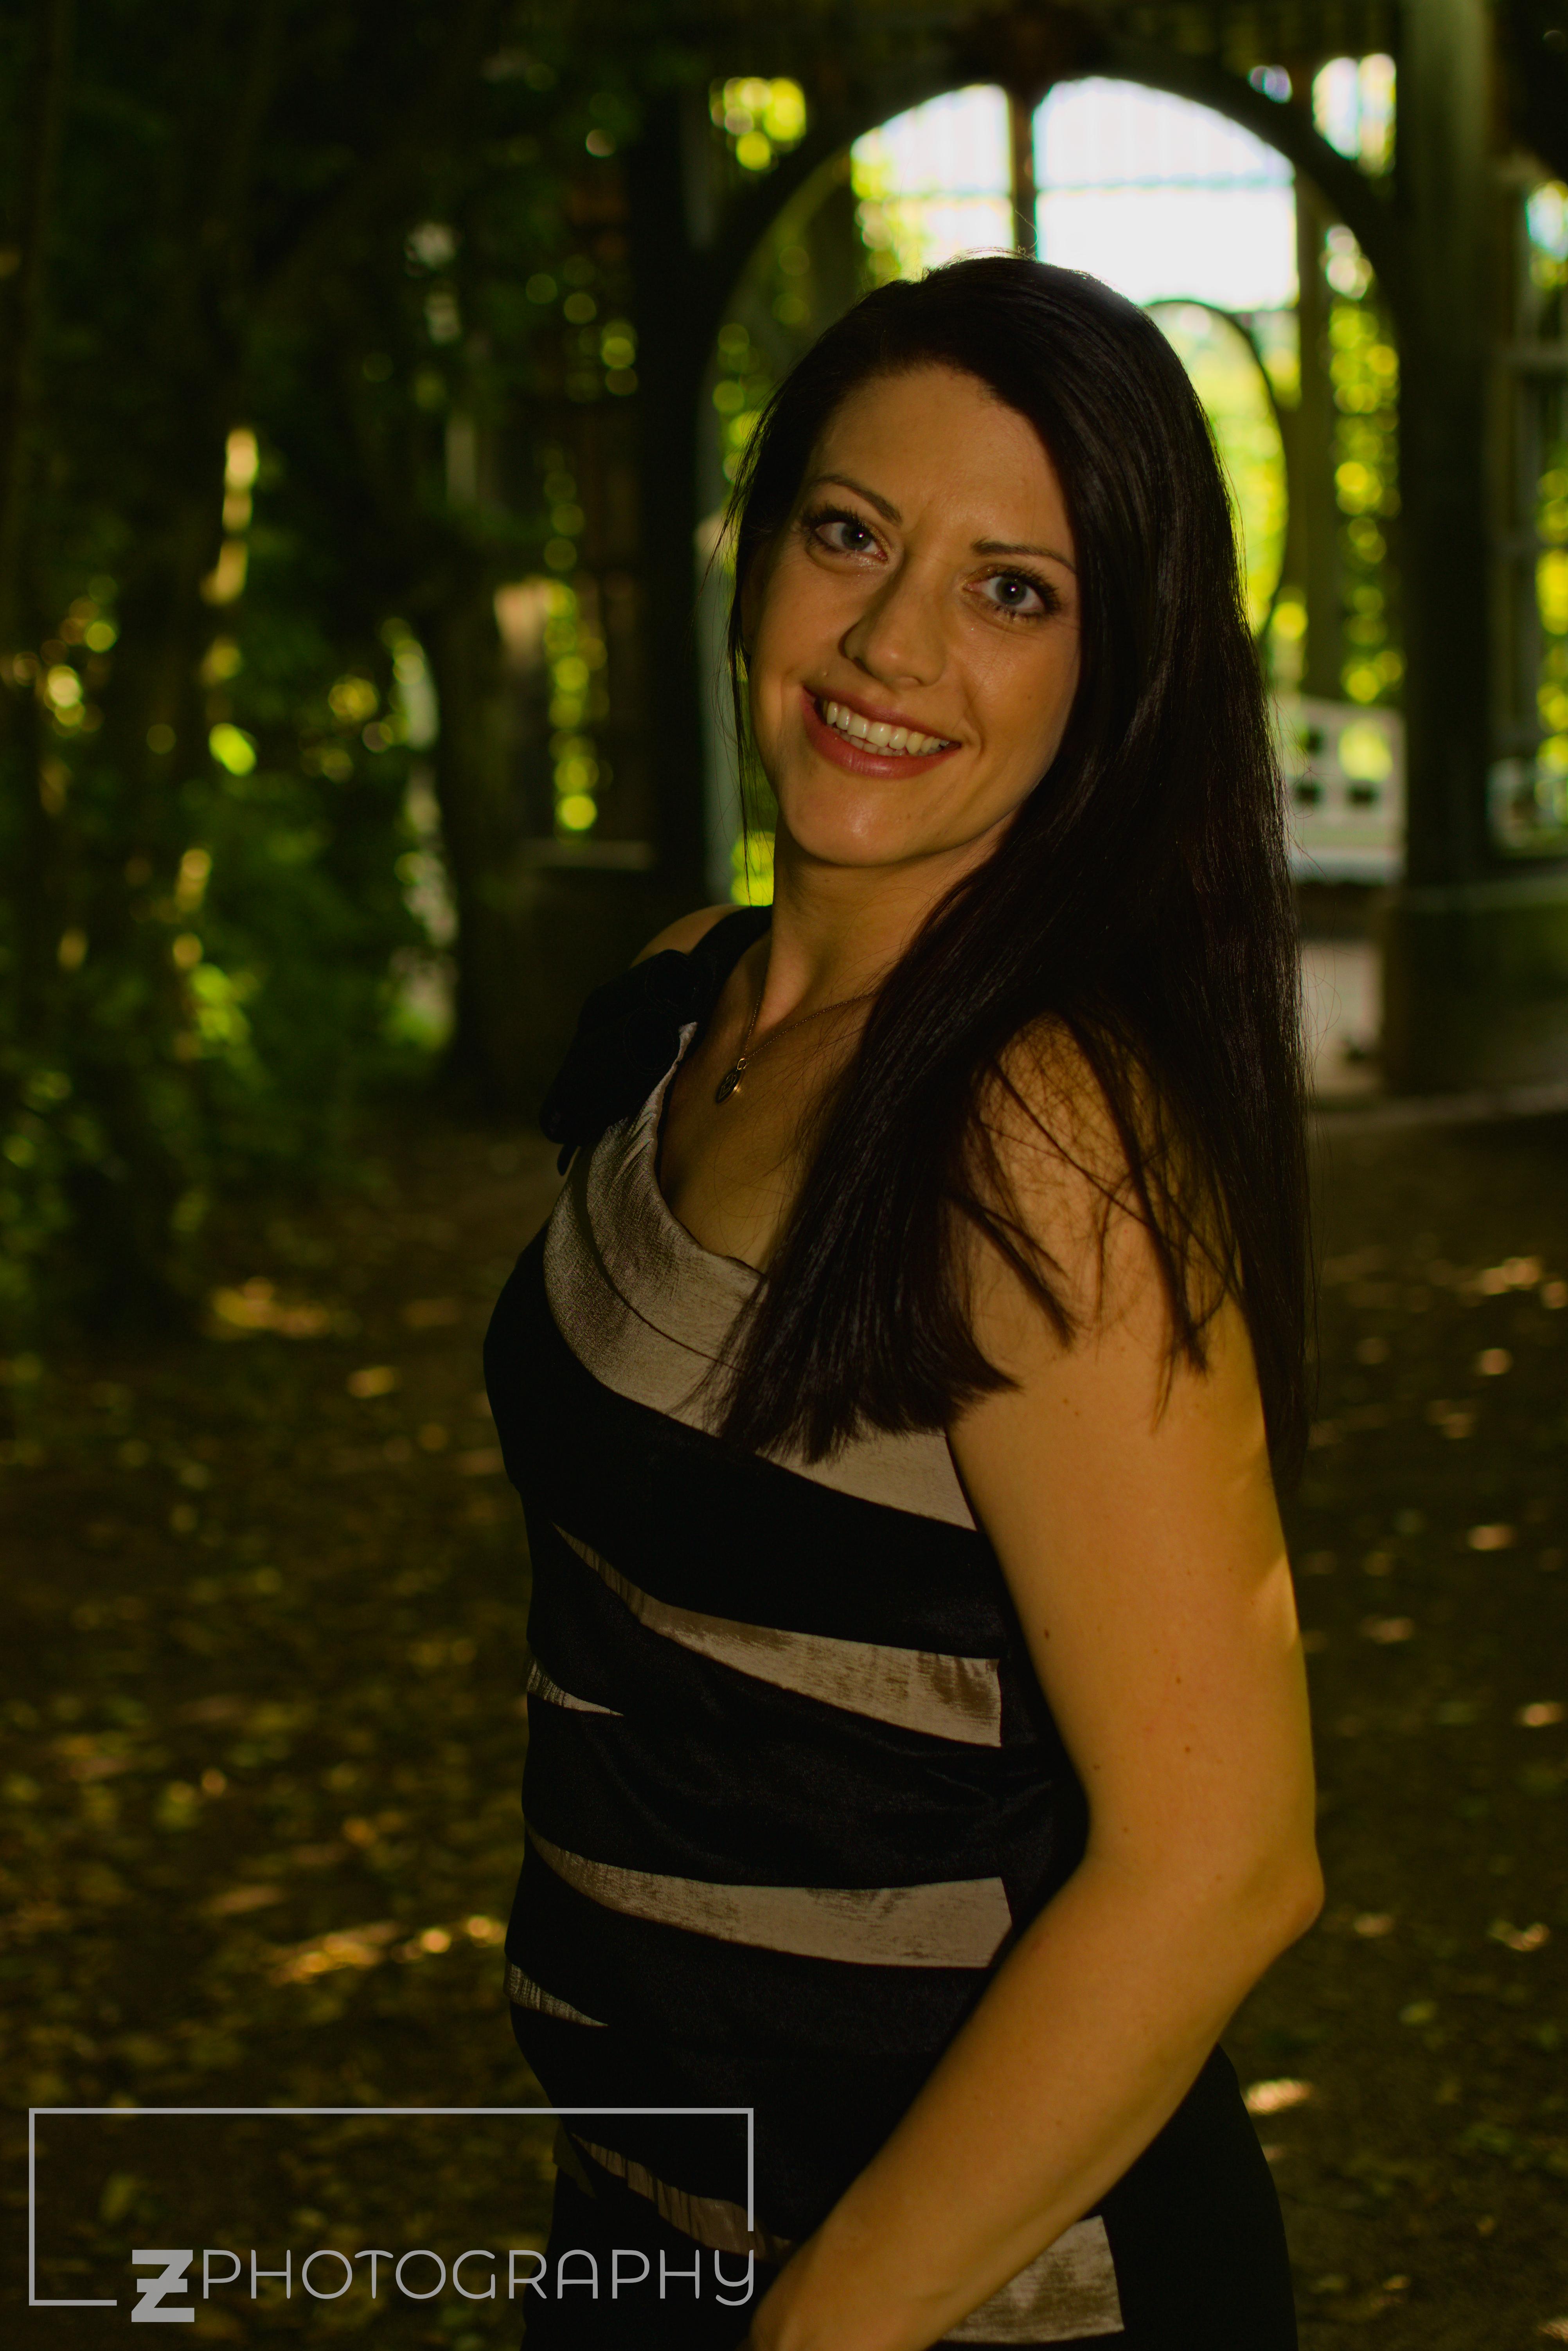 Model: Corinna Treindl